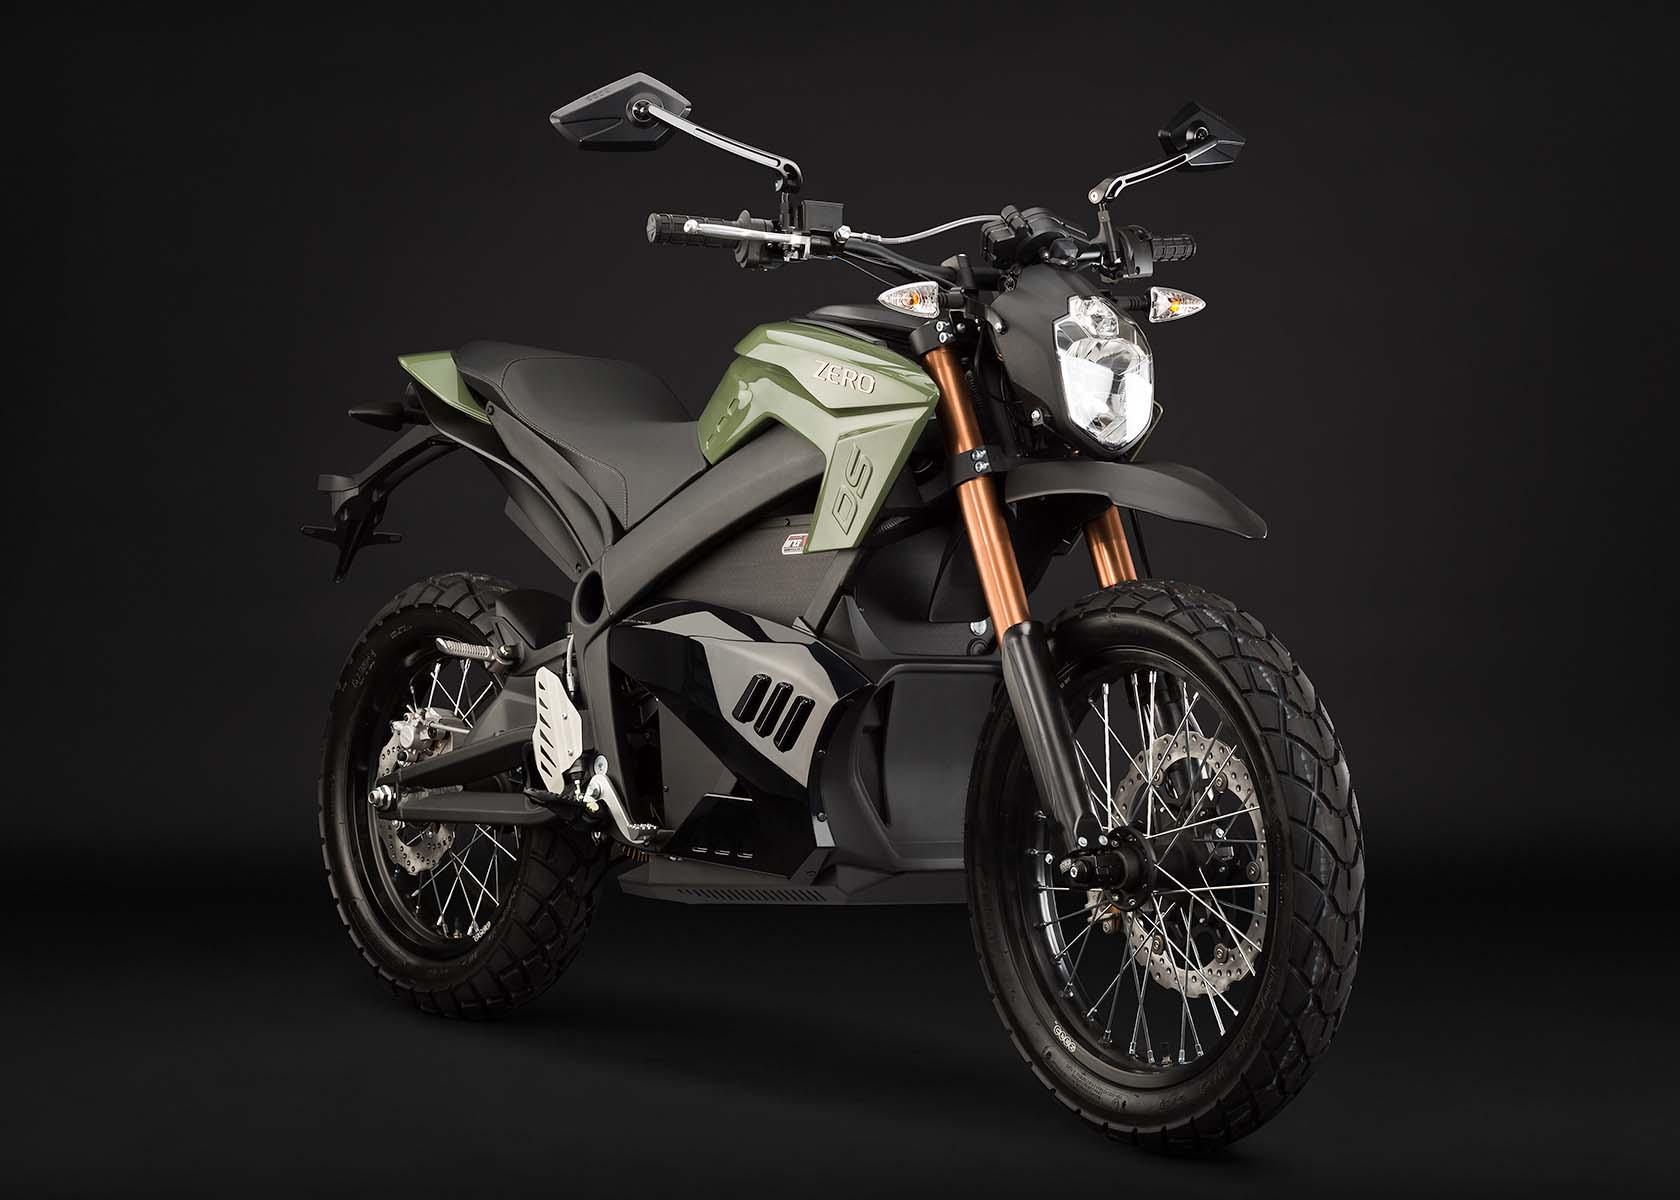 2013 Zero Motorcycles - 137 City Miles & 54 Horsepower - Asphalt ...